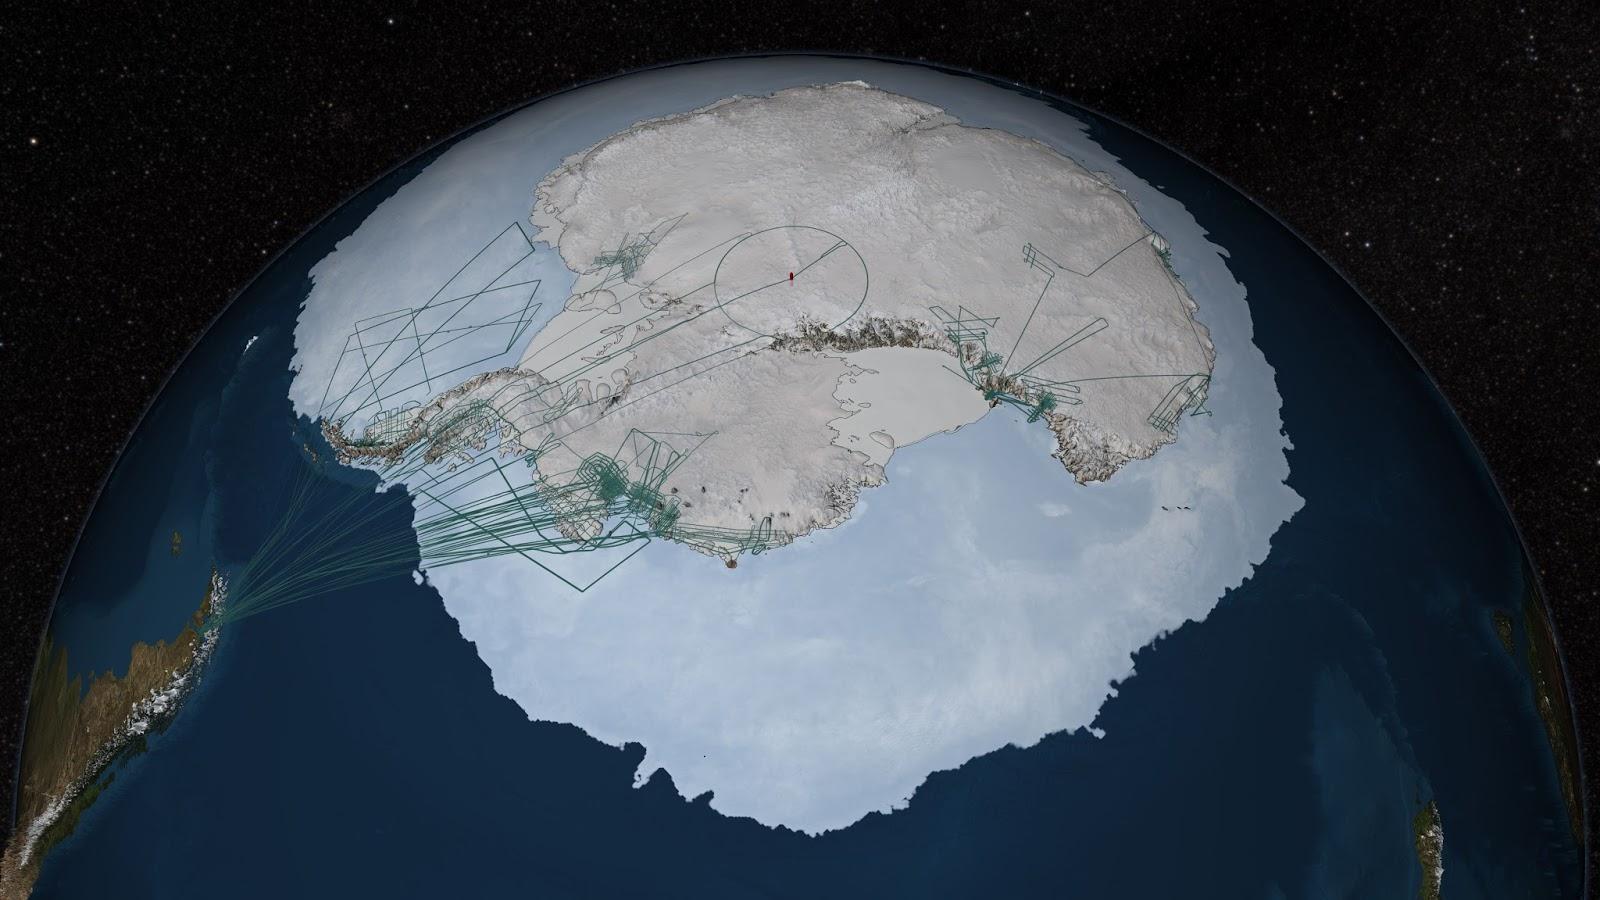 мамочка мечтает почему нет фото антарктиды из космоса работы пригодна